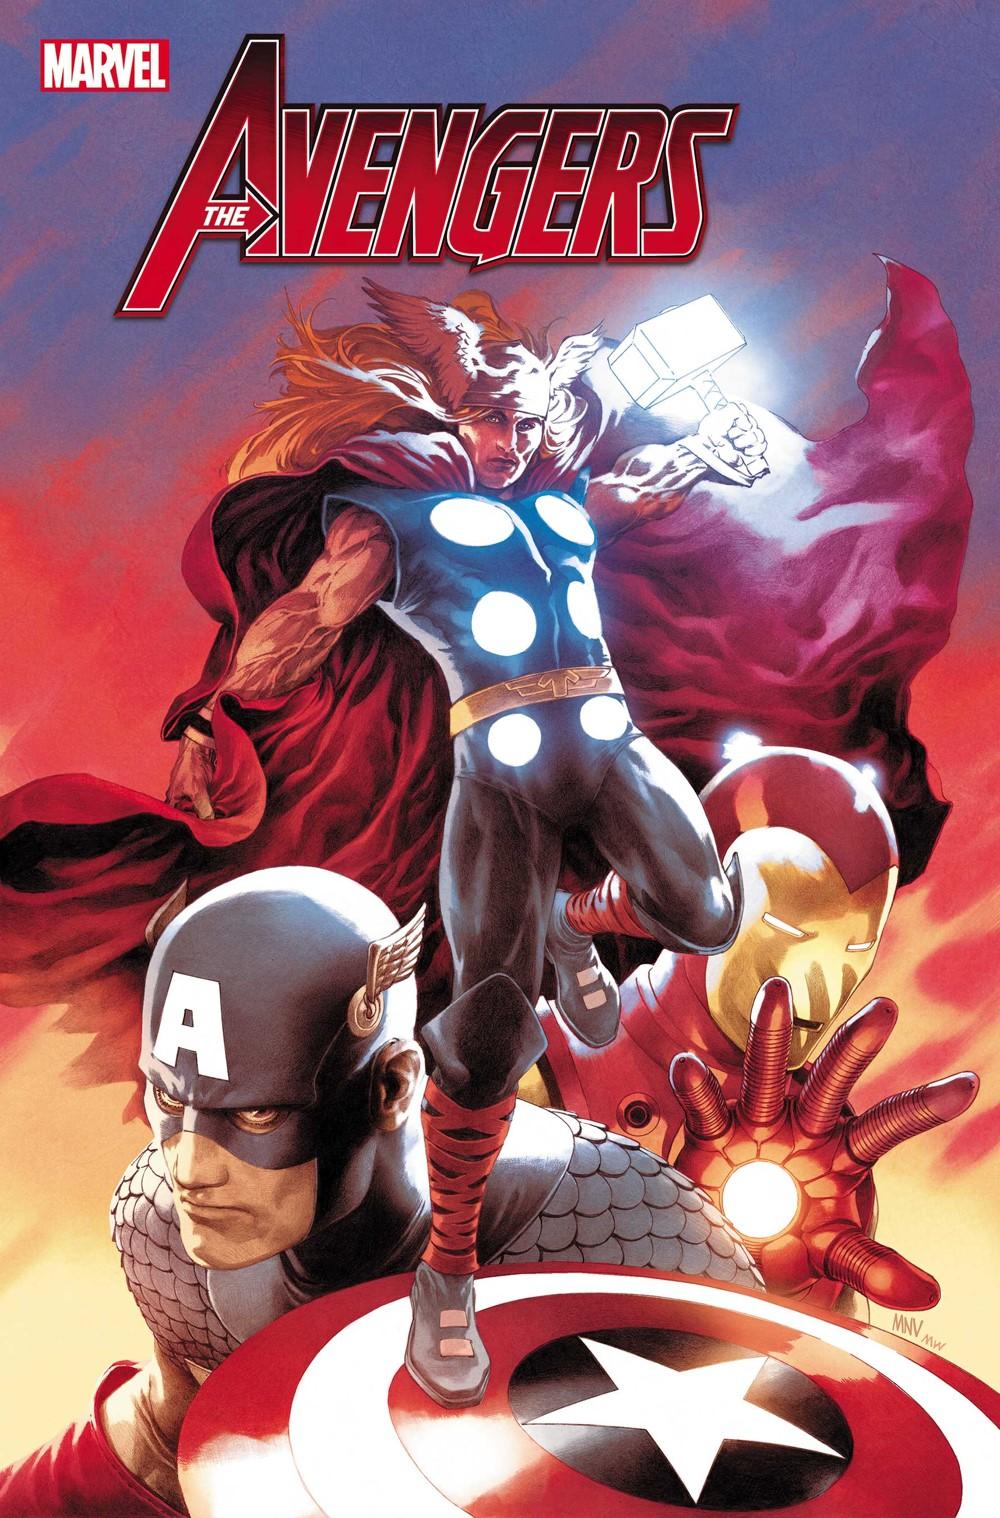 AVEN2018050_McNiven-var-1 Marvel Comics November 2021 Solicitations